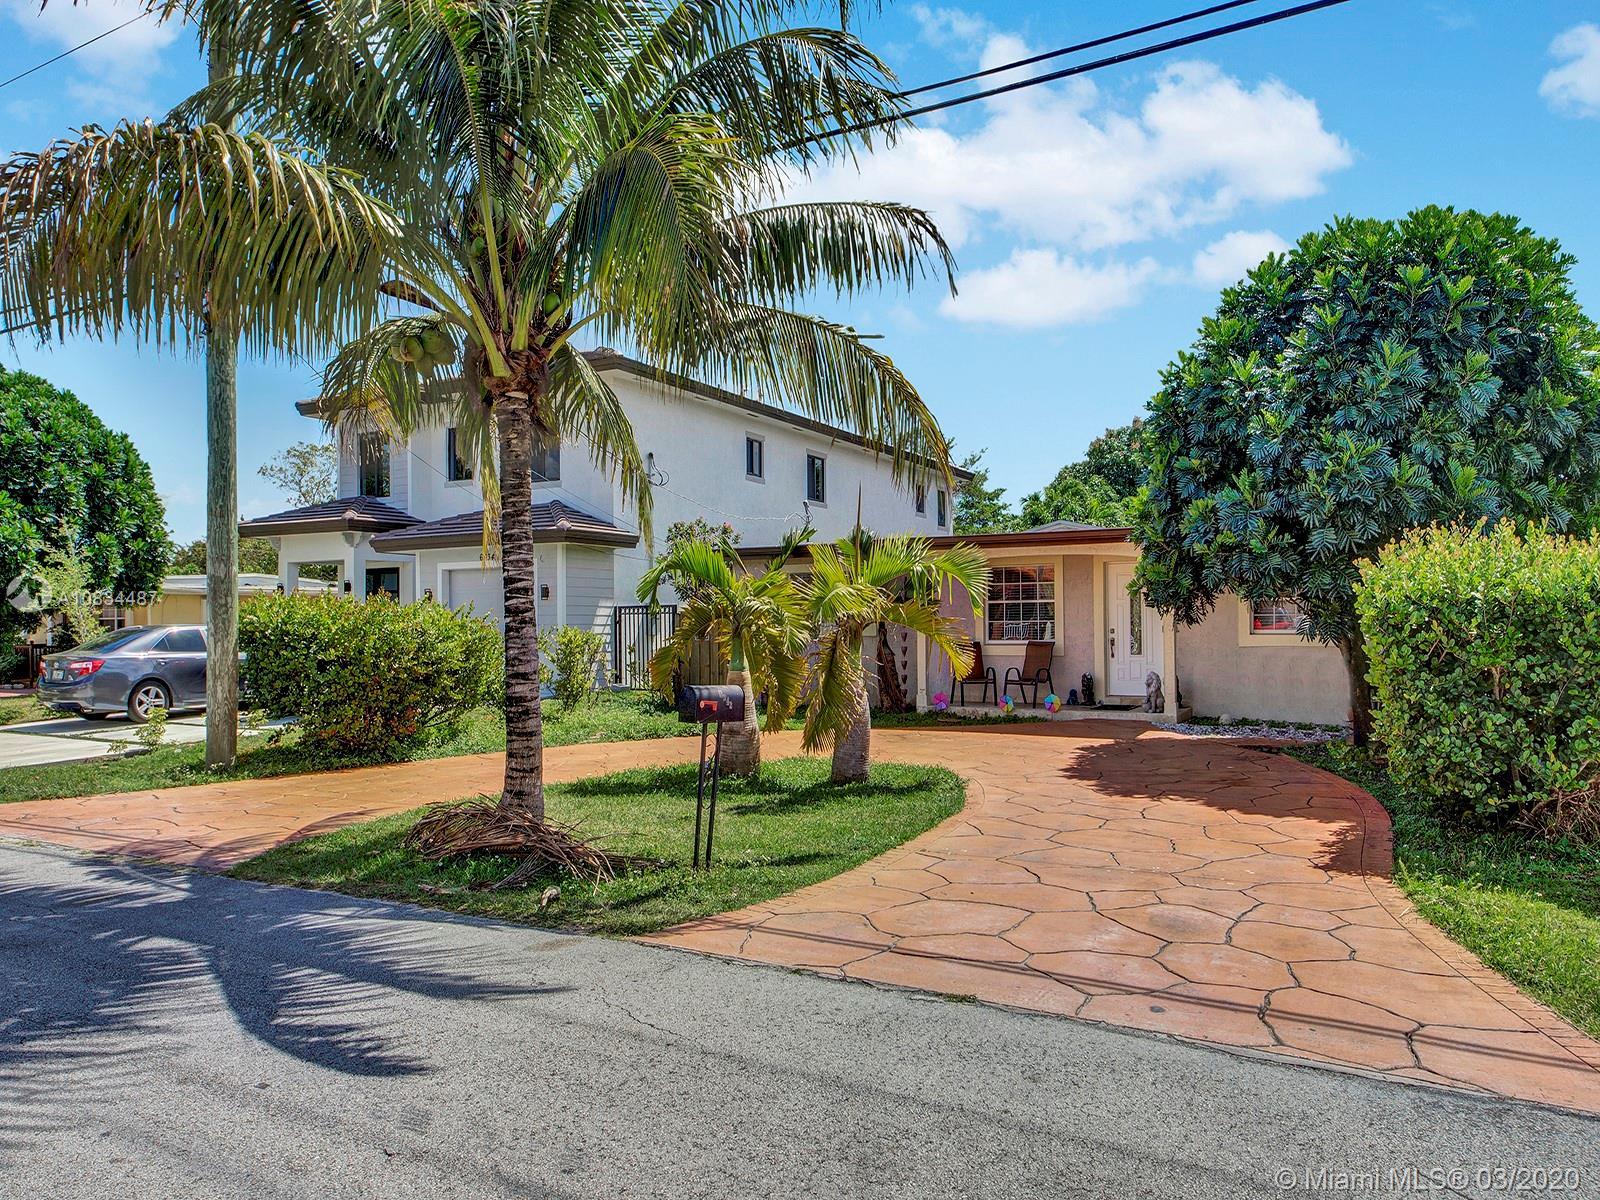 Coral Villas - 6342 SW 32nd St, Miami, FL 33155